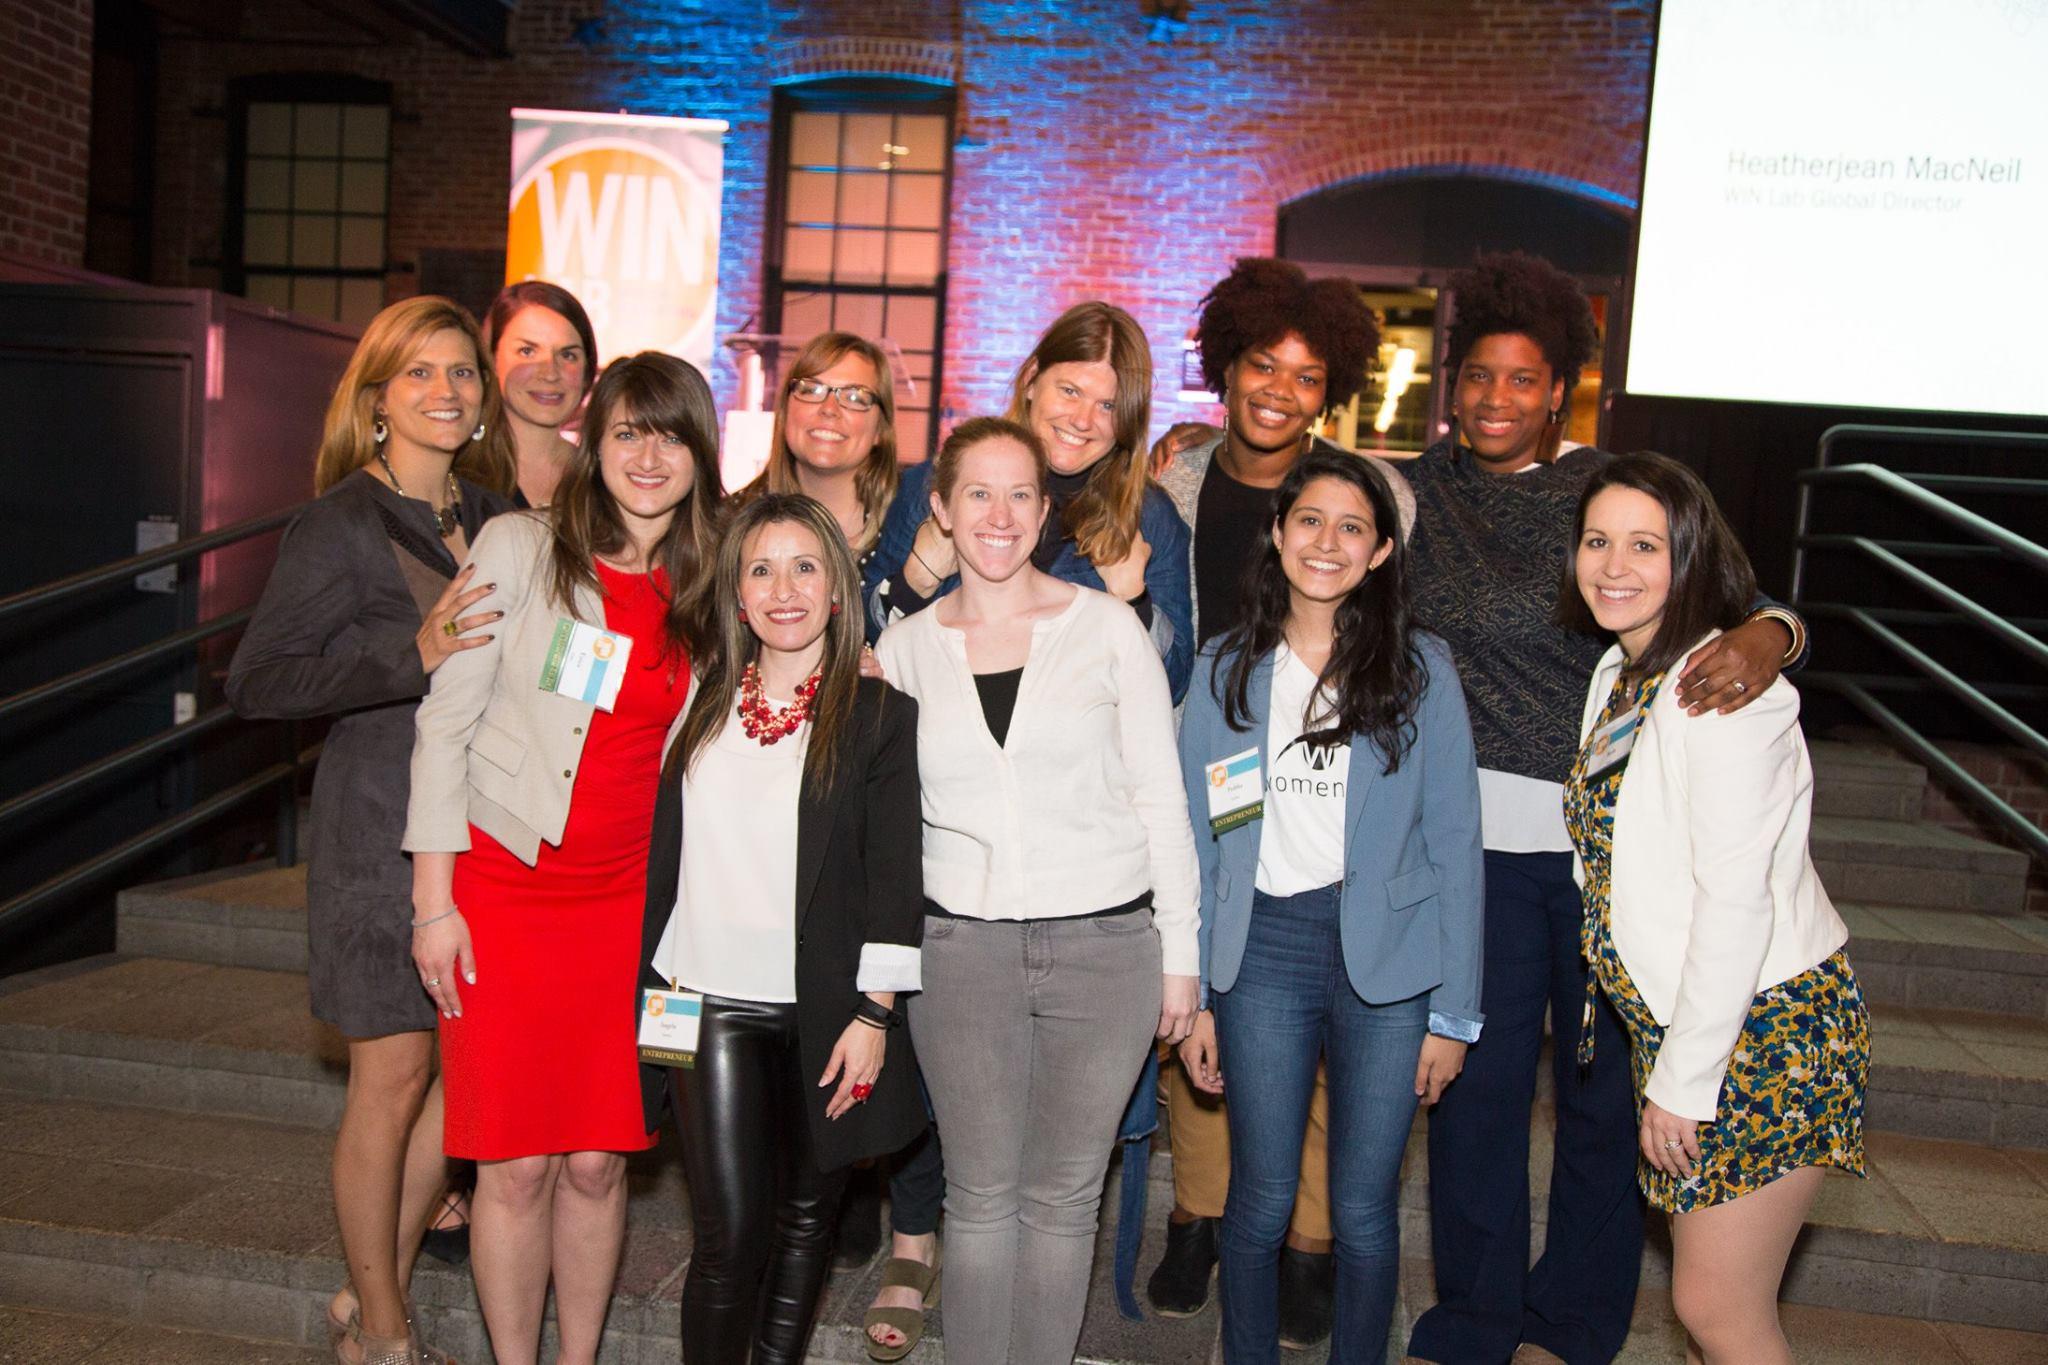 women_entrepreneurs_win_lab.jpg